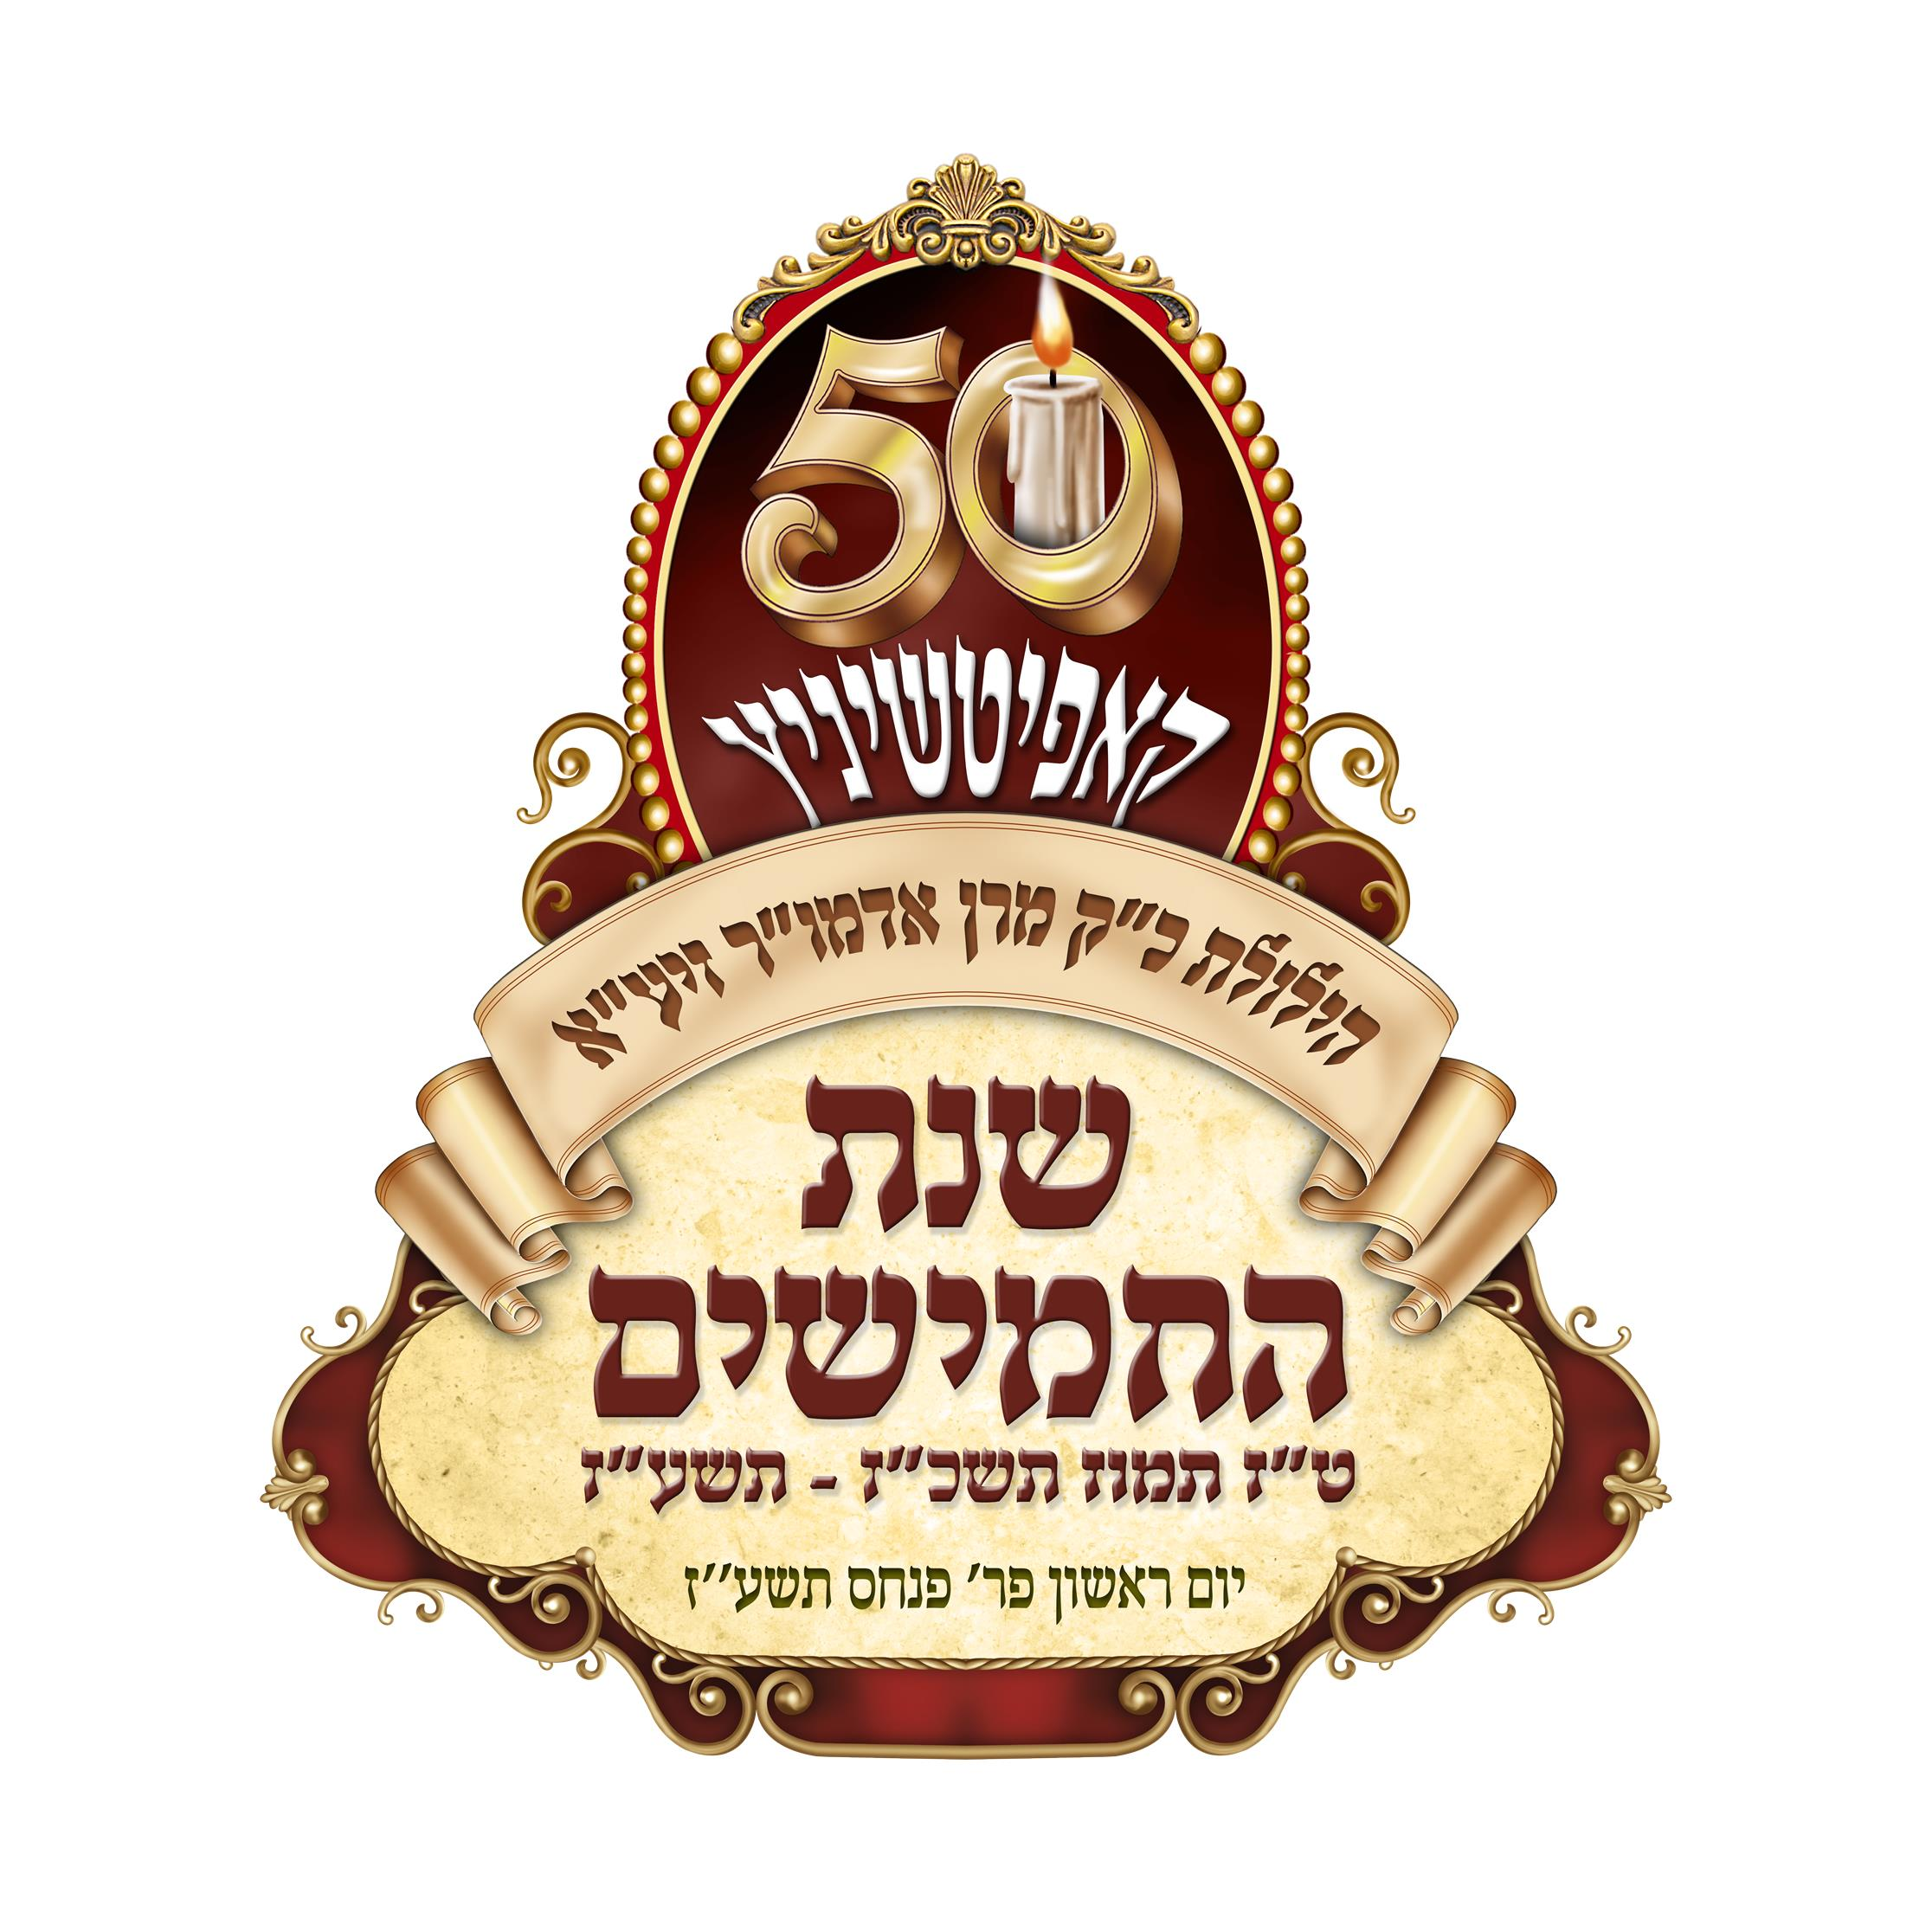 50 שנות הנהגה: שרשרת אירועים בחצר הקודש קאפיטשיניץ